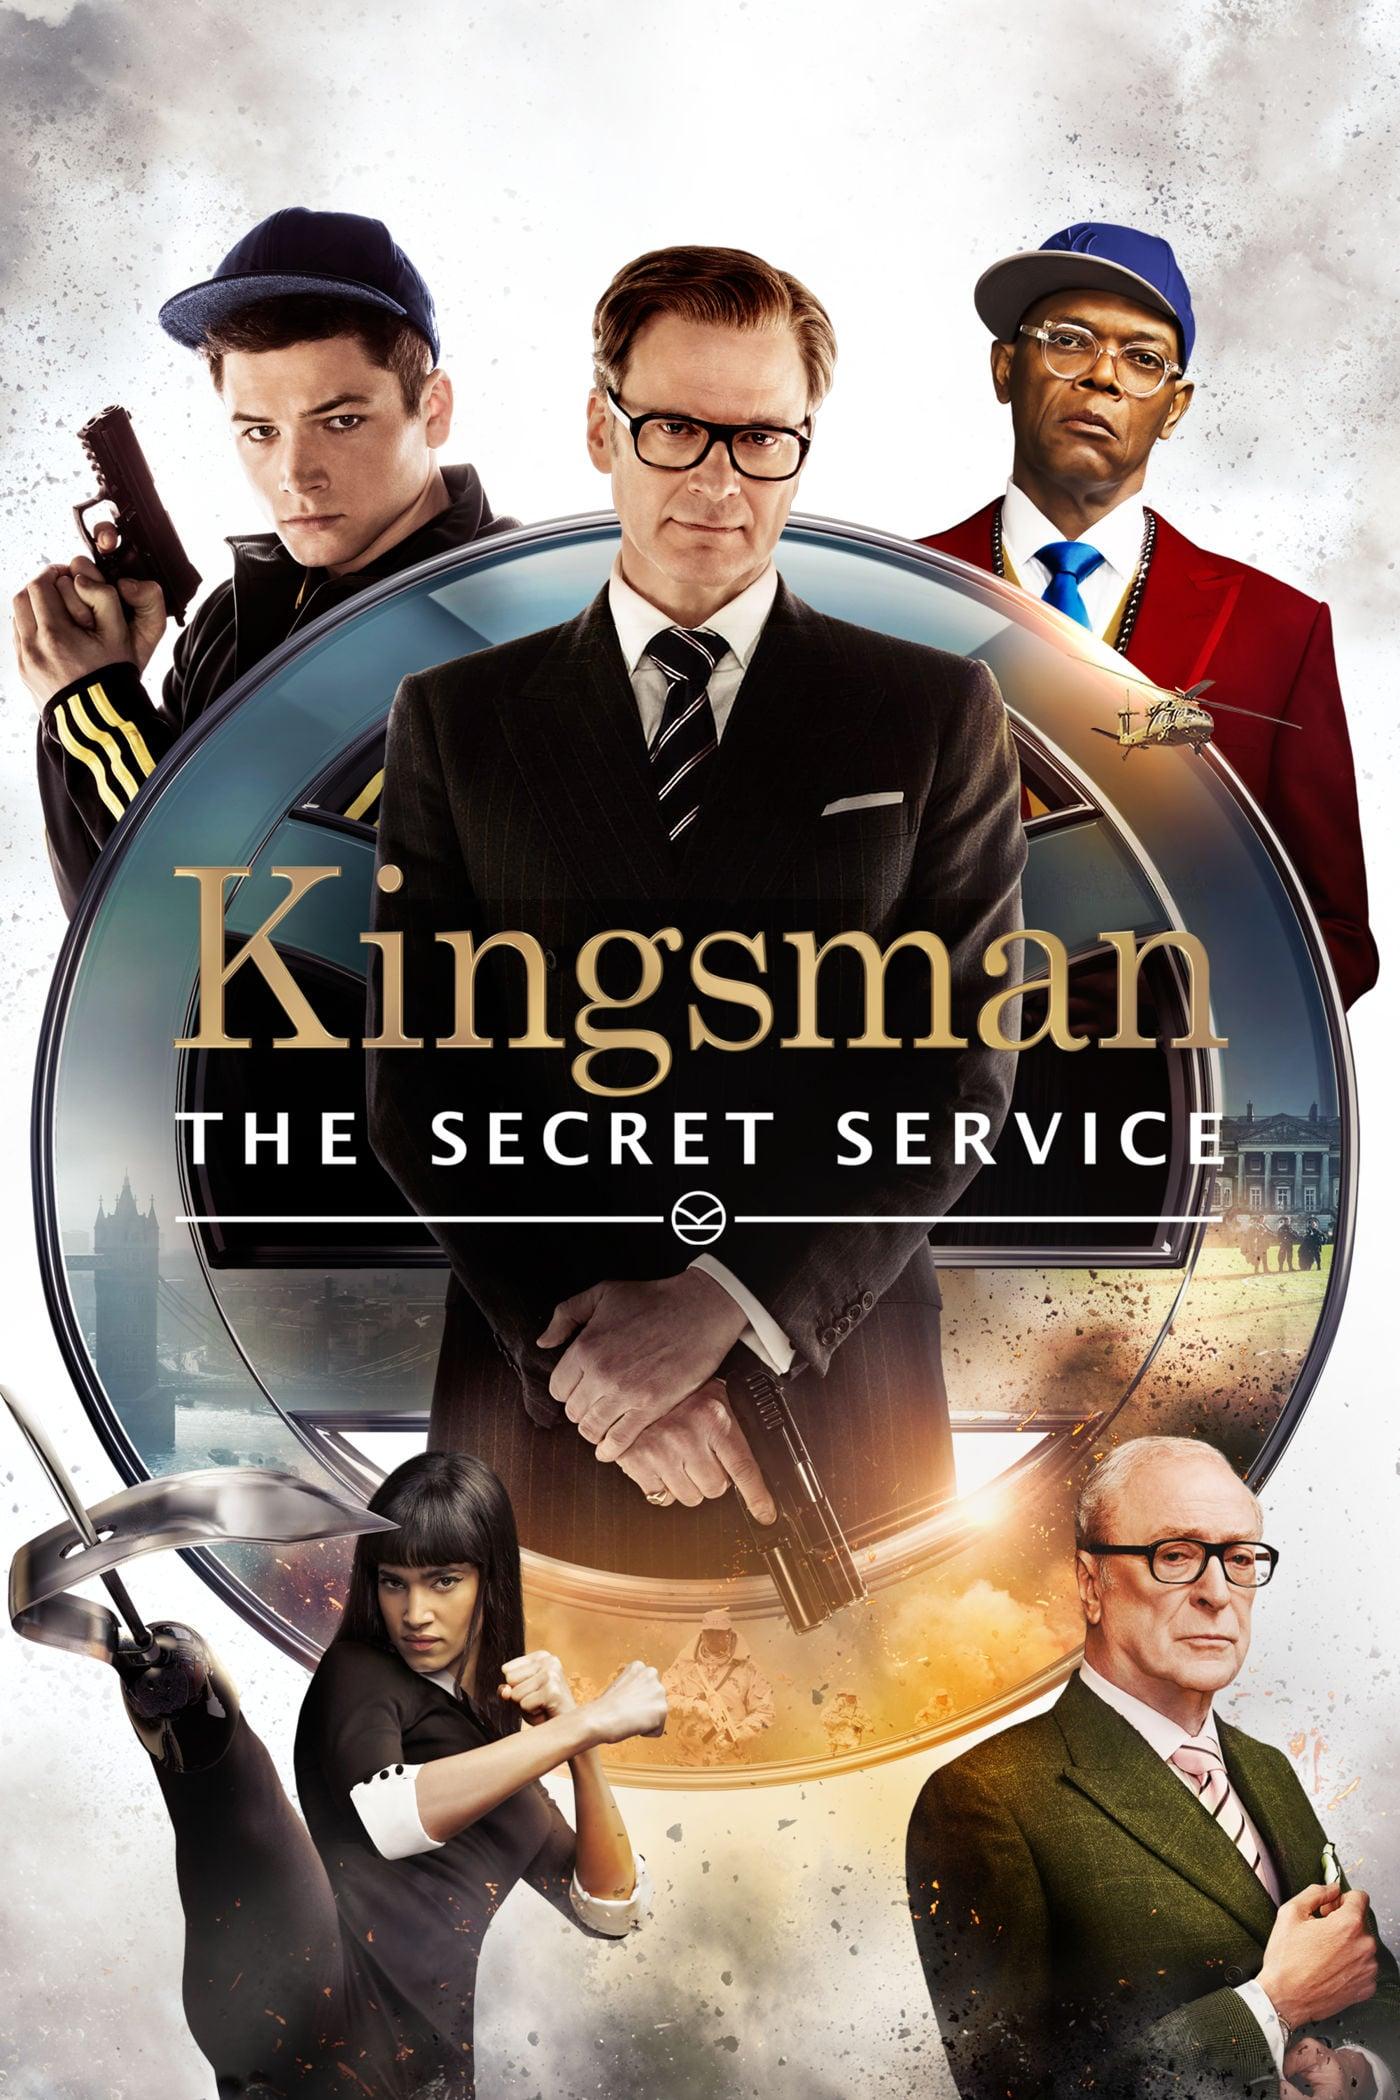 دانلود فیلم Kingsman: The Secret Service 2014 با دوبله فارسی